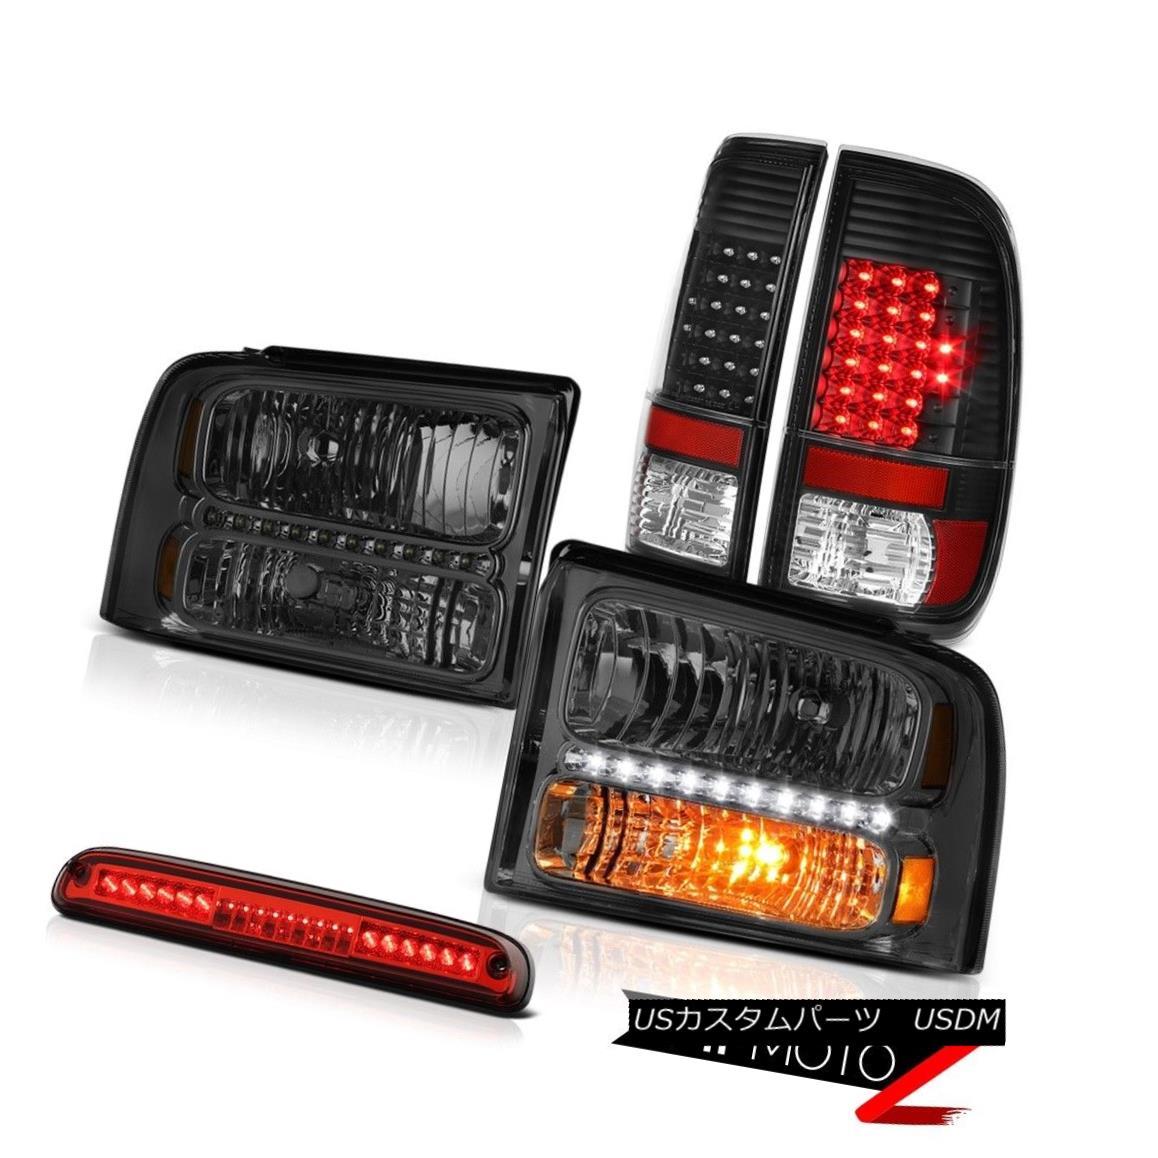 ヘッドライト 05 06 07 F250 FX4 Dark Smoke Headlights Black LED Tail Lamps High Brake Cargo 05 06 07 F250 FX4ダークグレーヘッドライトブラックLEDテールランプハイブレーキカーゴ